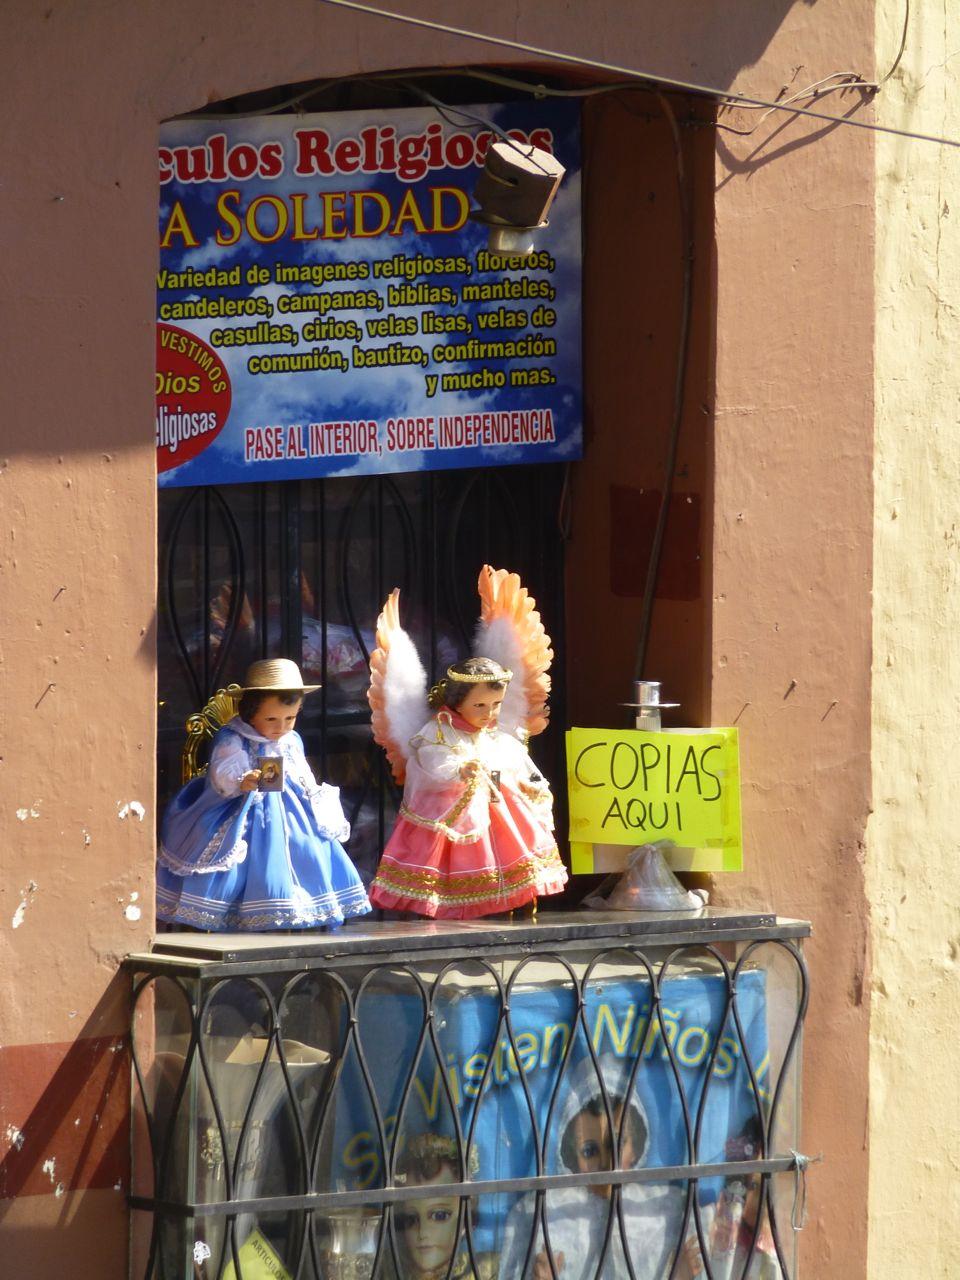 2 Niño Dios in window of store